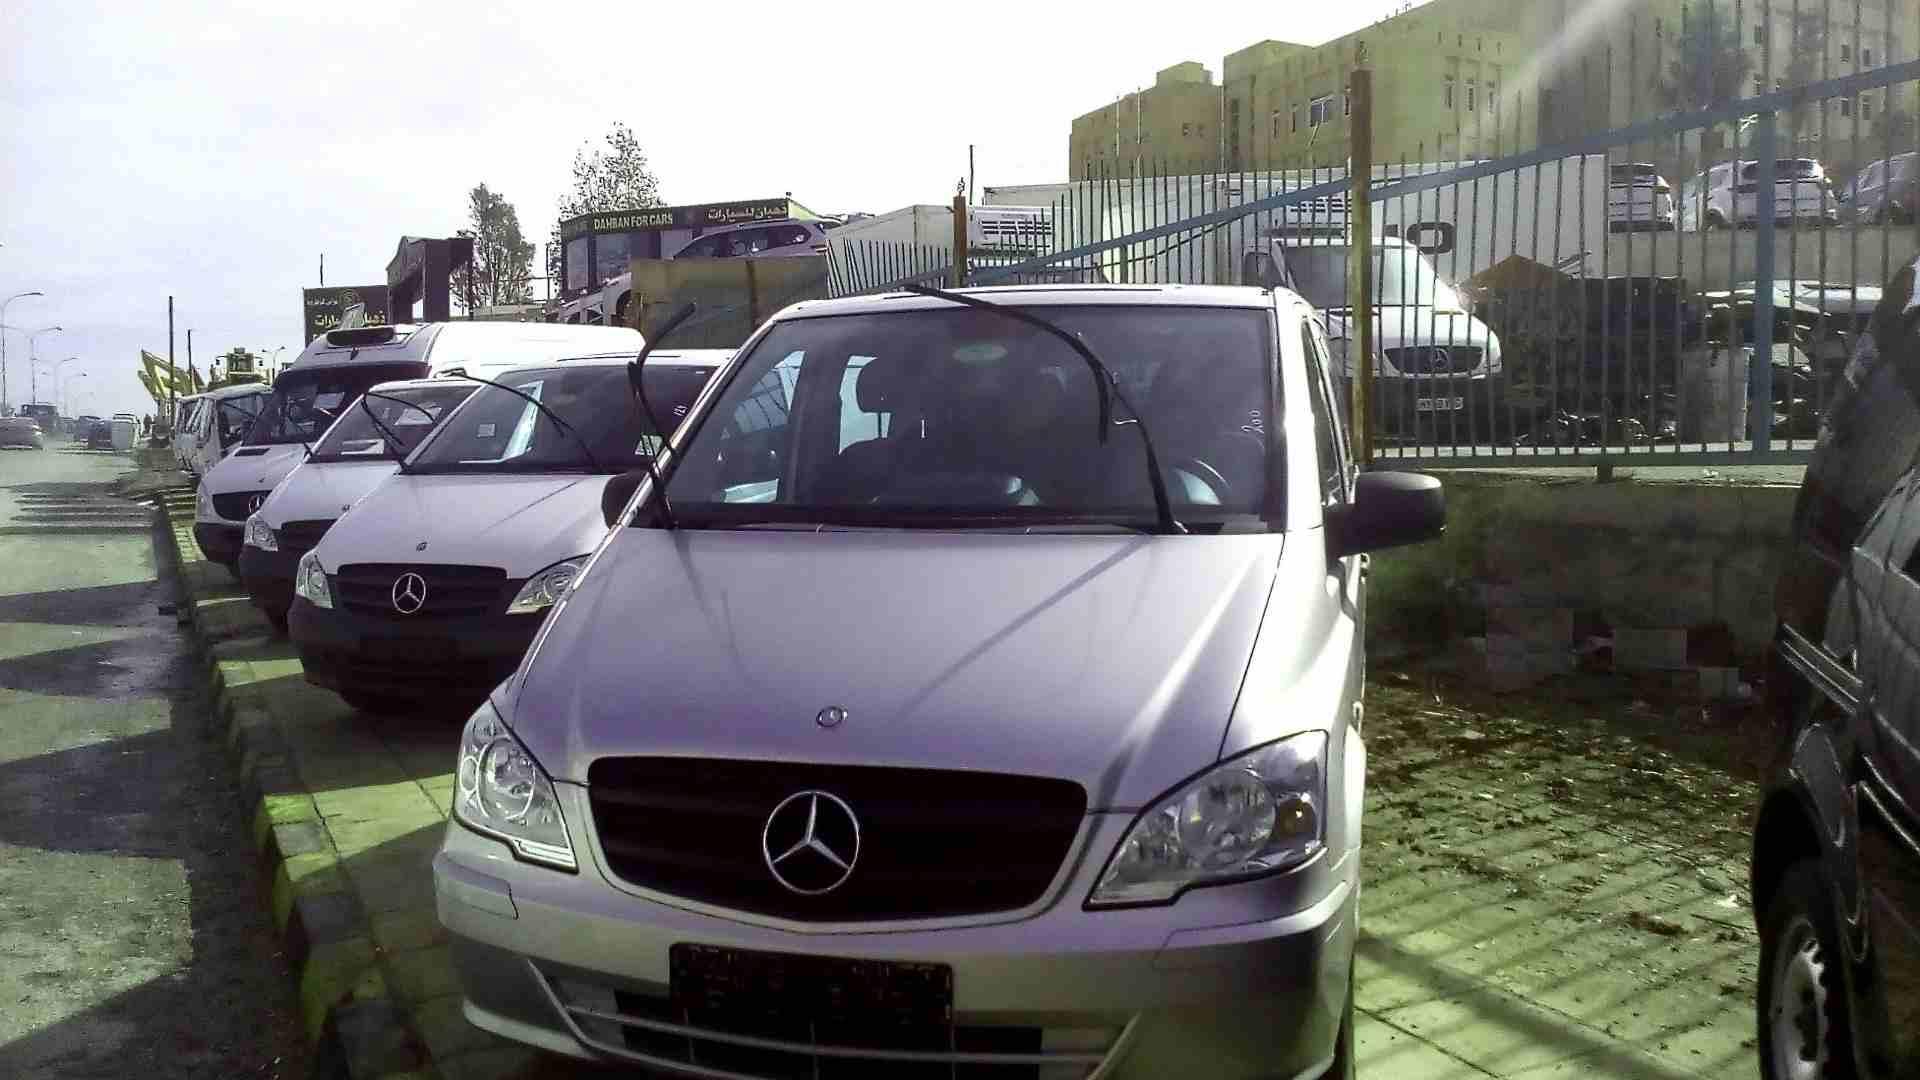 مازدا 6 2011 مستعملة-  مرسيدس 2013 VITO فيتو نقل...